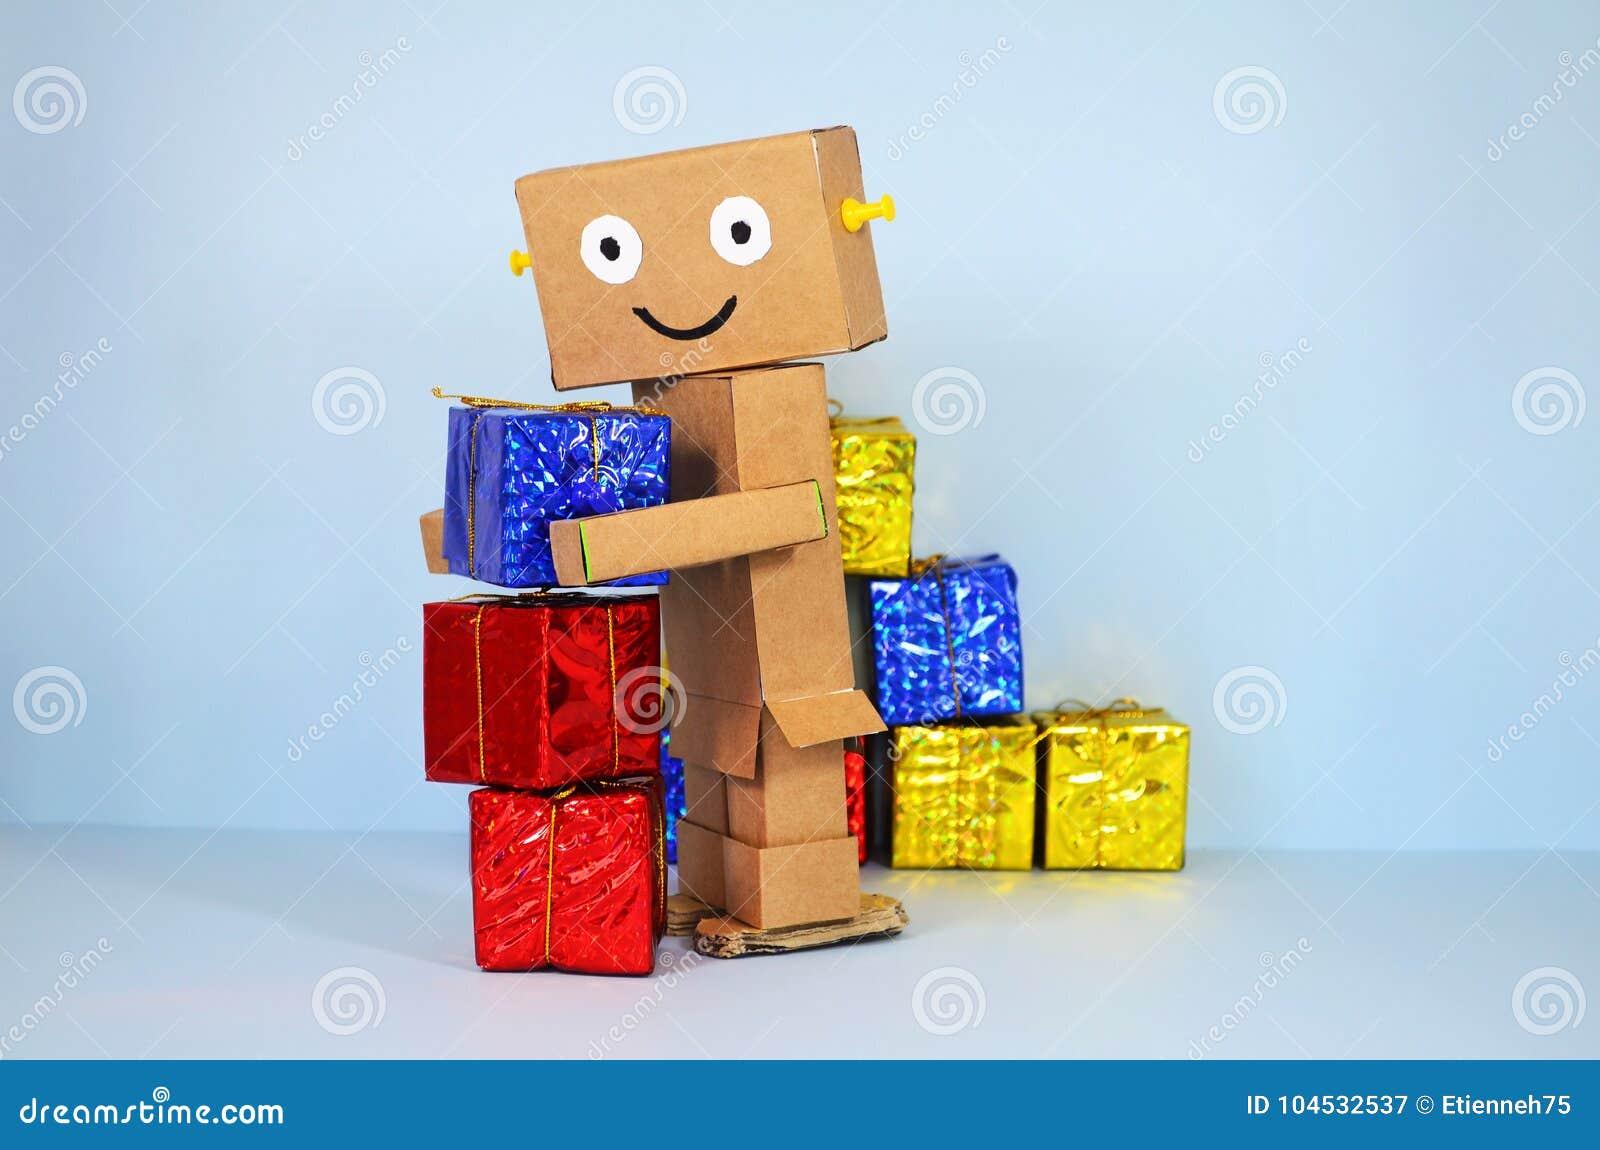 Regali Di Natale Acquisti On Line.L Acquisto Online Robot Porta I Regali Di Natale Immagine Stock